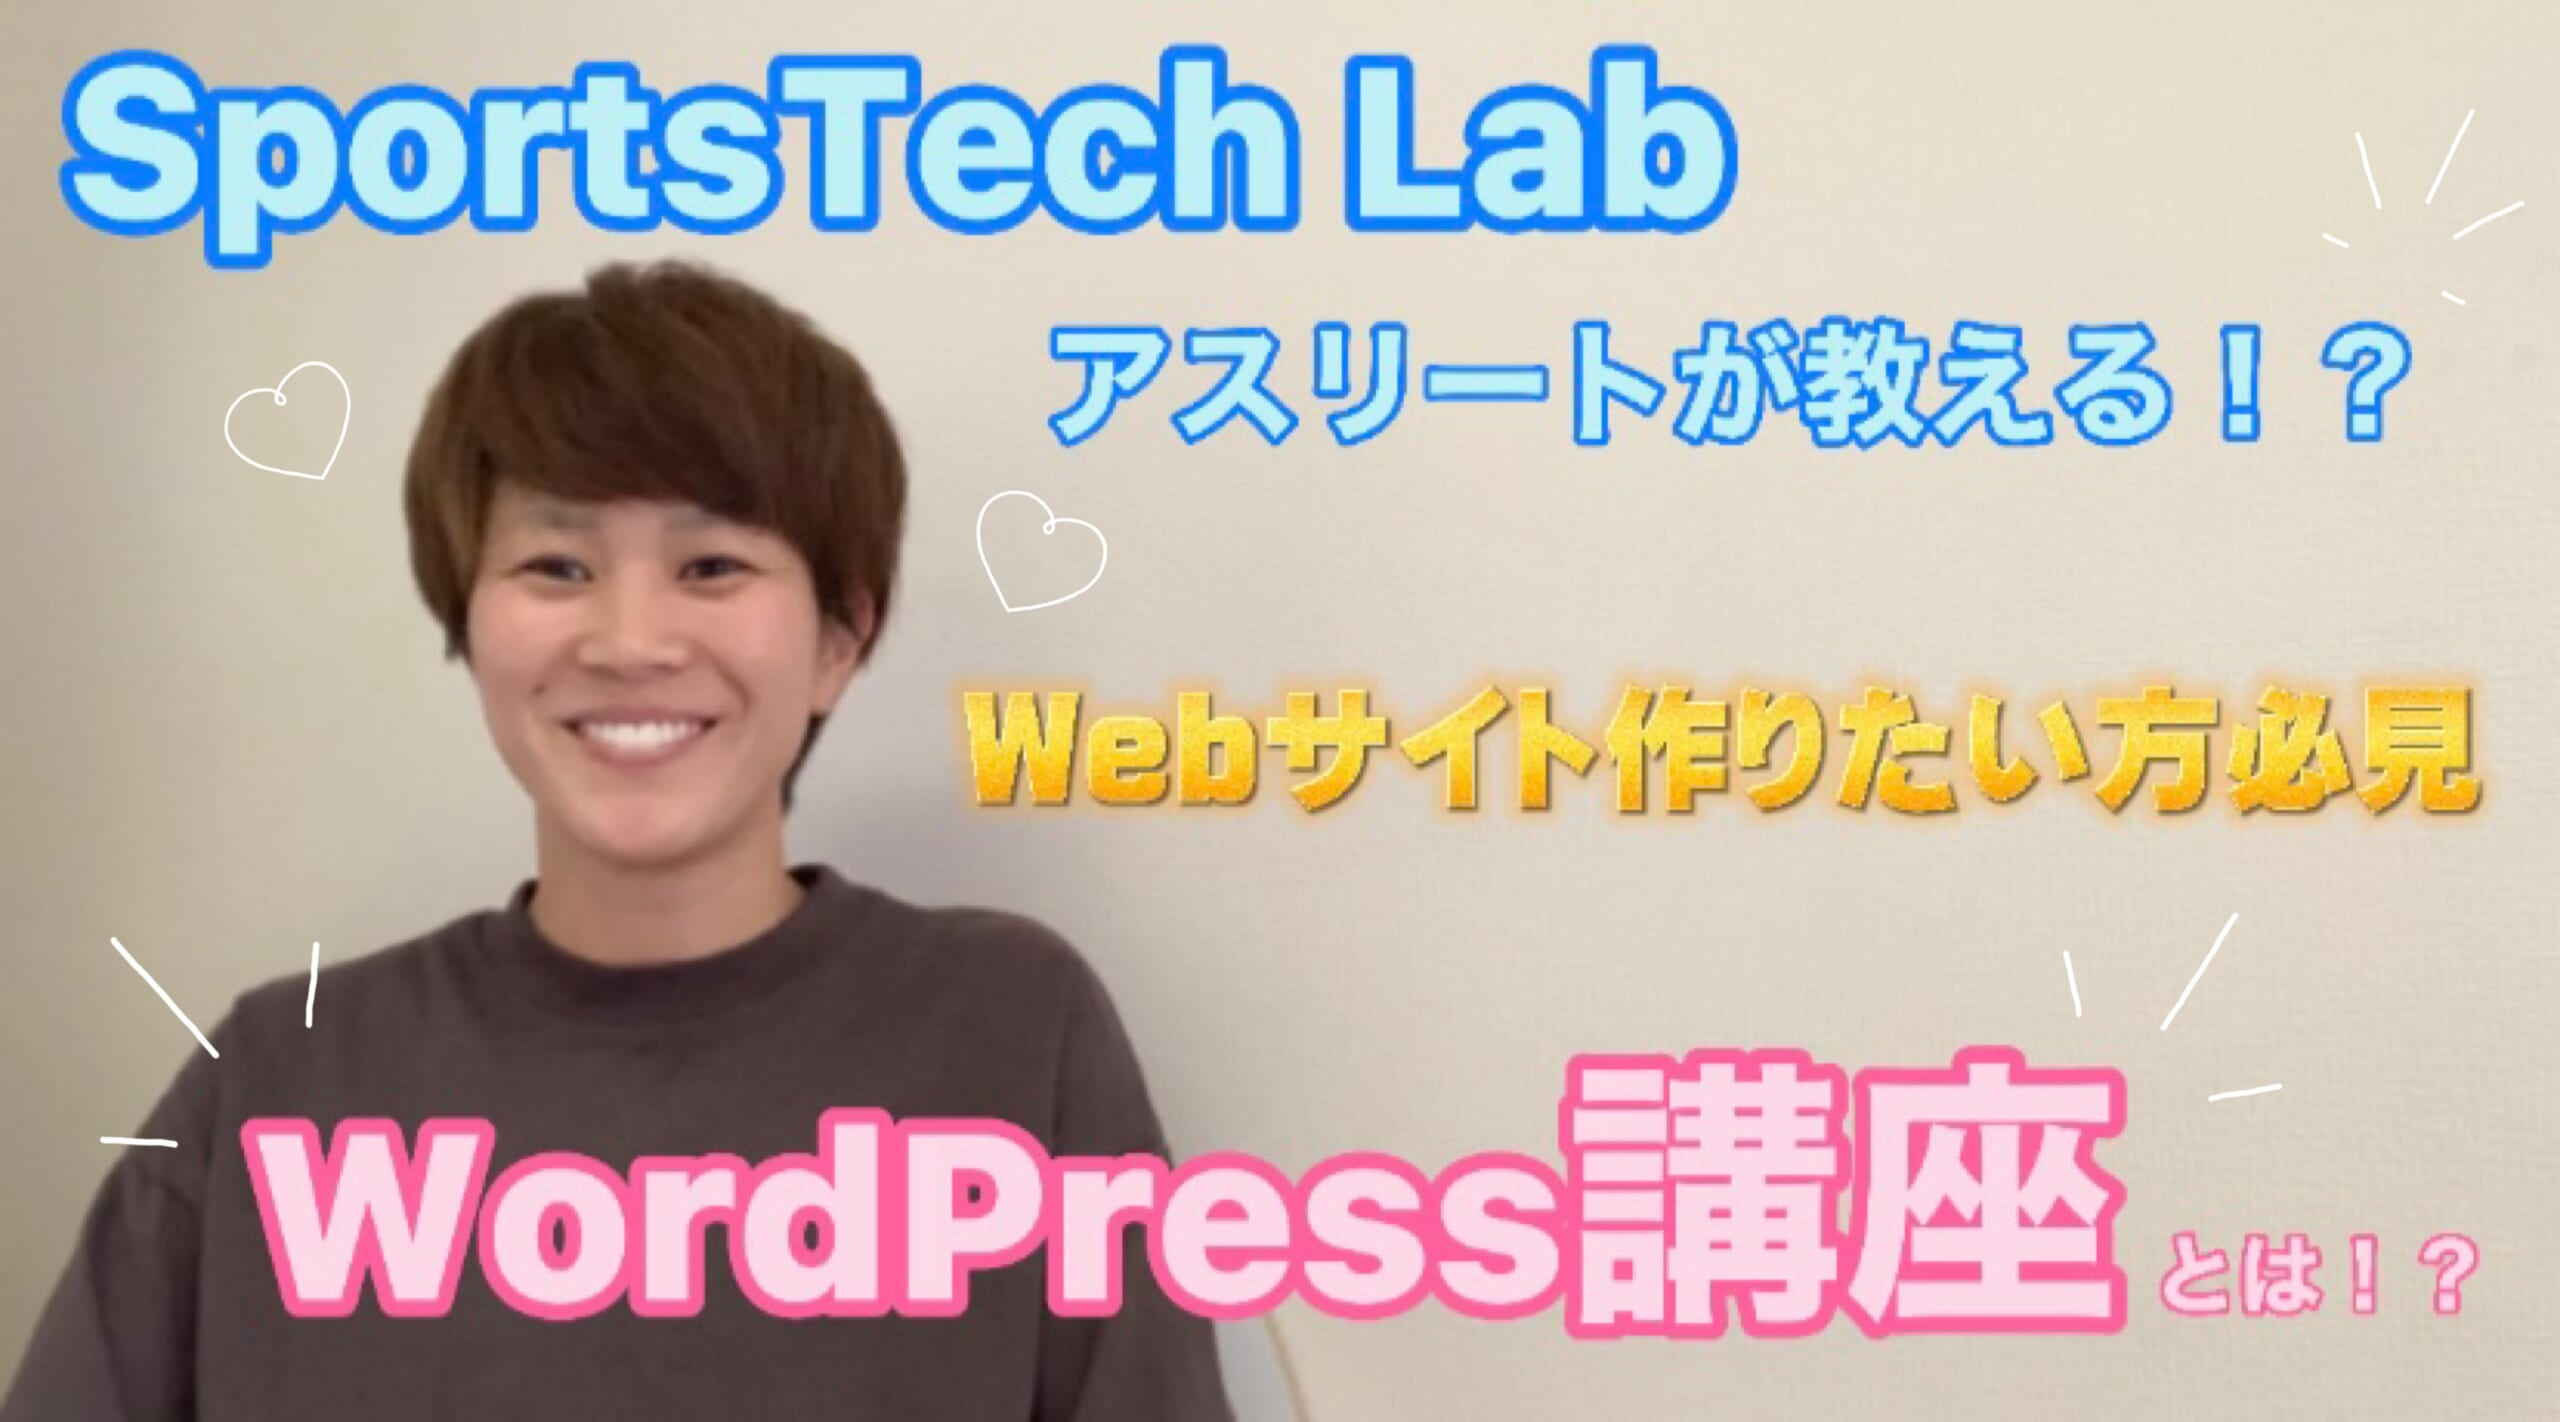 アスリートが教える!?Webサイト作りたい方必見〜WordPress講座とは!?〜